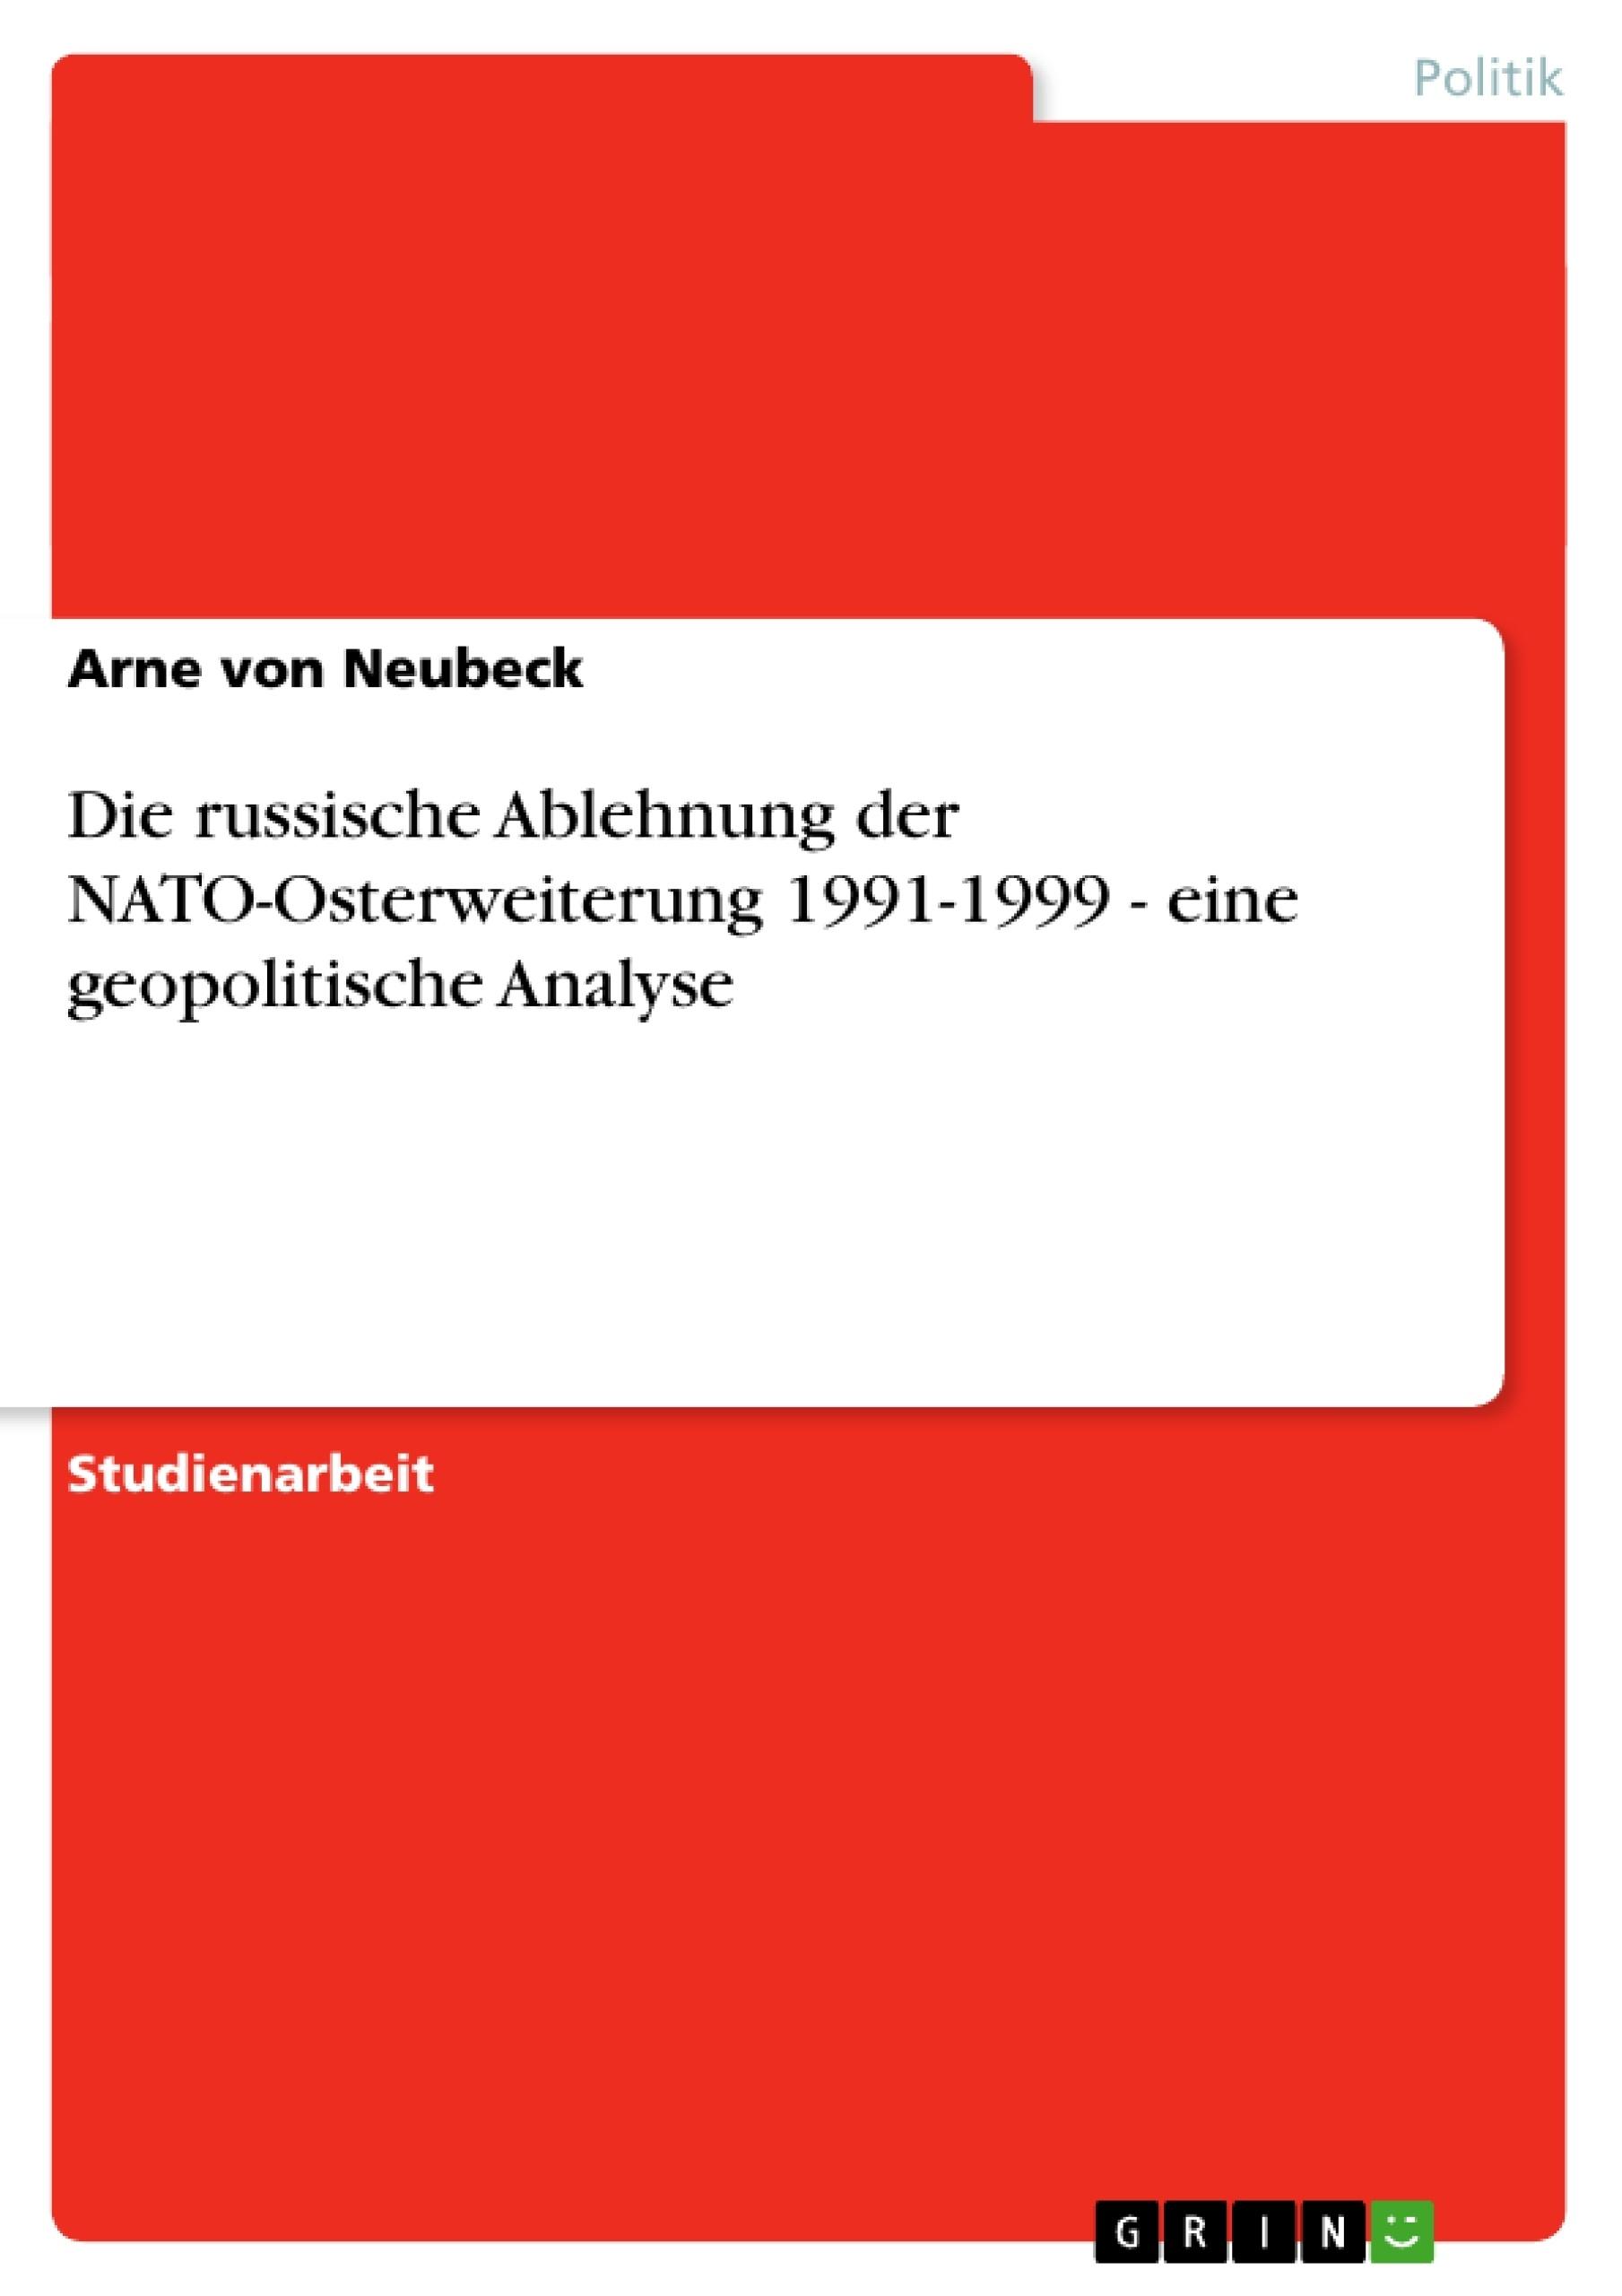 Titel: Die russische Ablehnung der NATO-Osterweiterung 1991-1999 - eine geopolitische Analyse